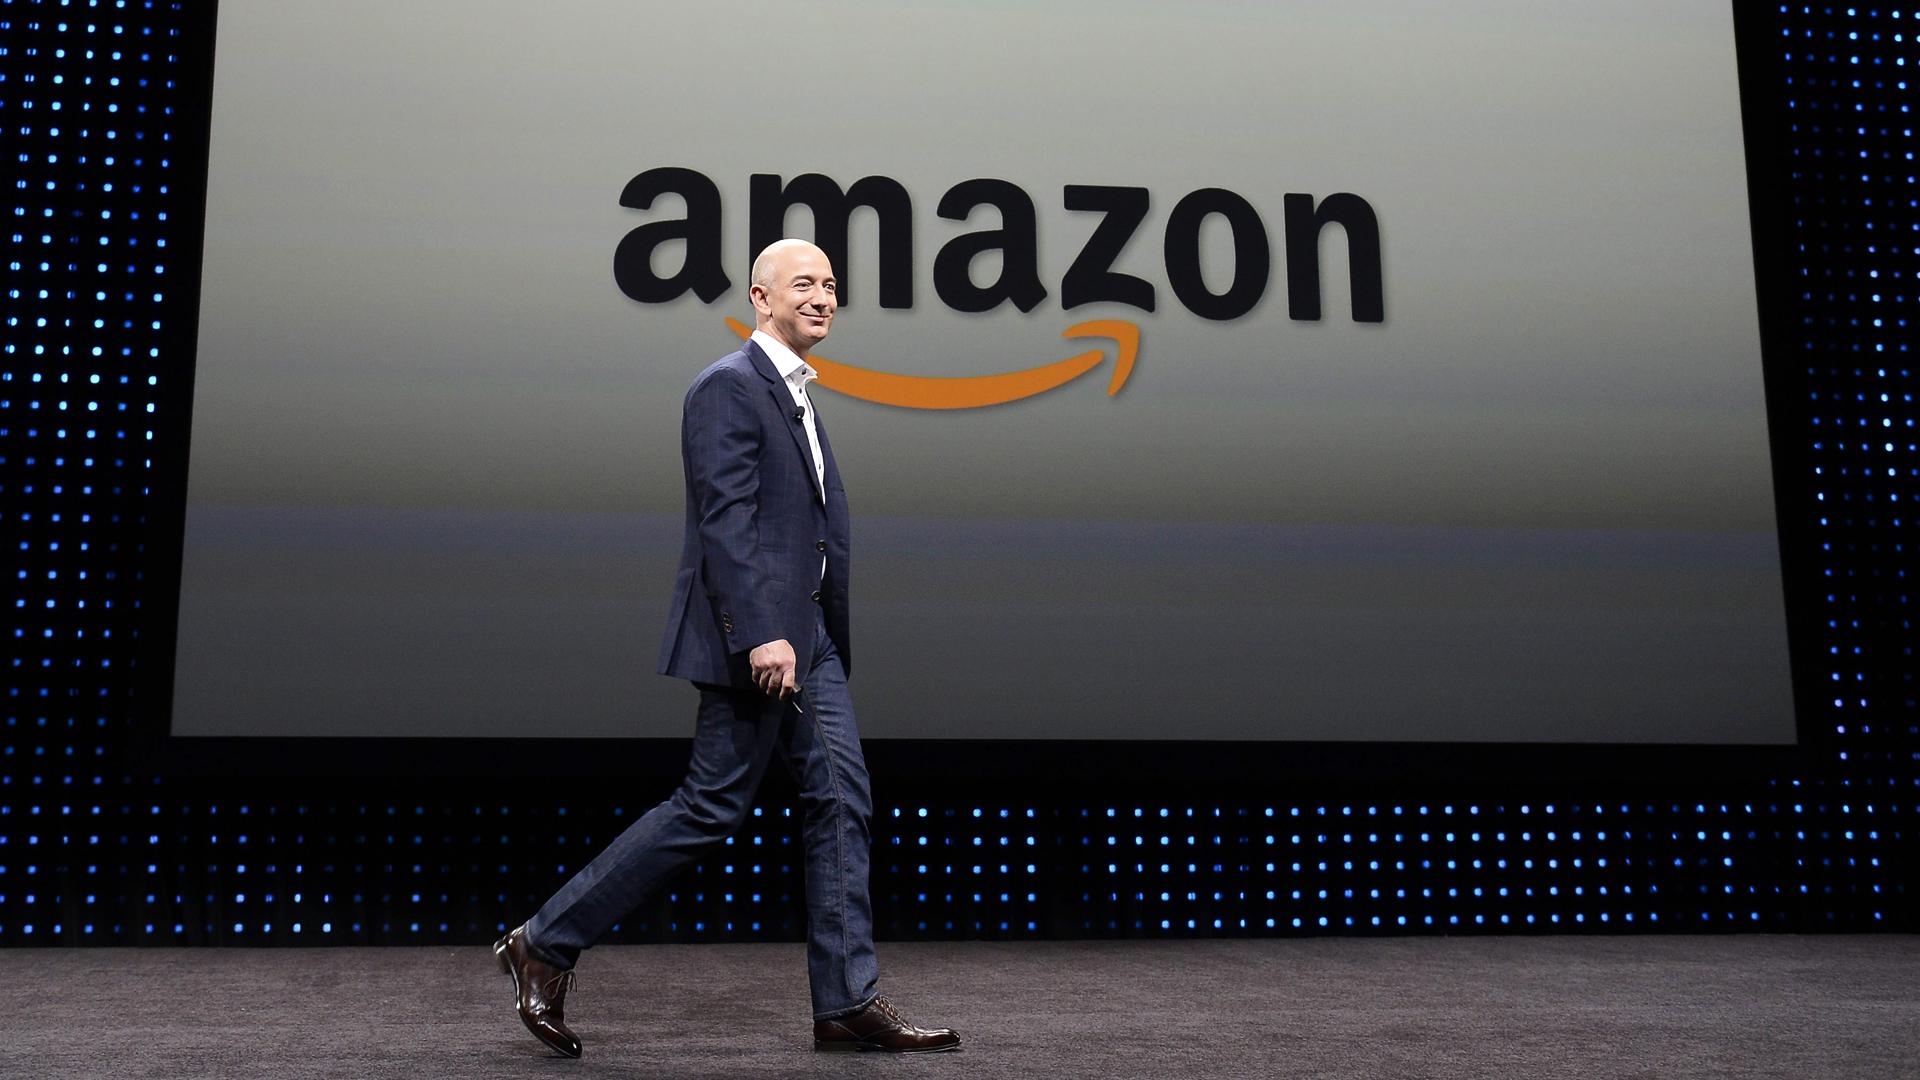 Amazon anuncia un plan ambicioso que transformará sus operaciones